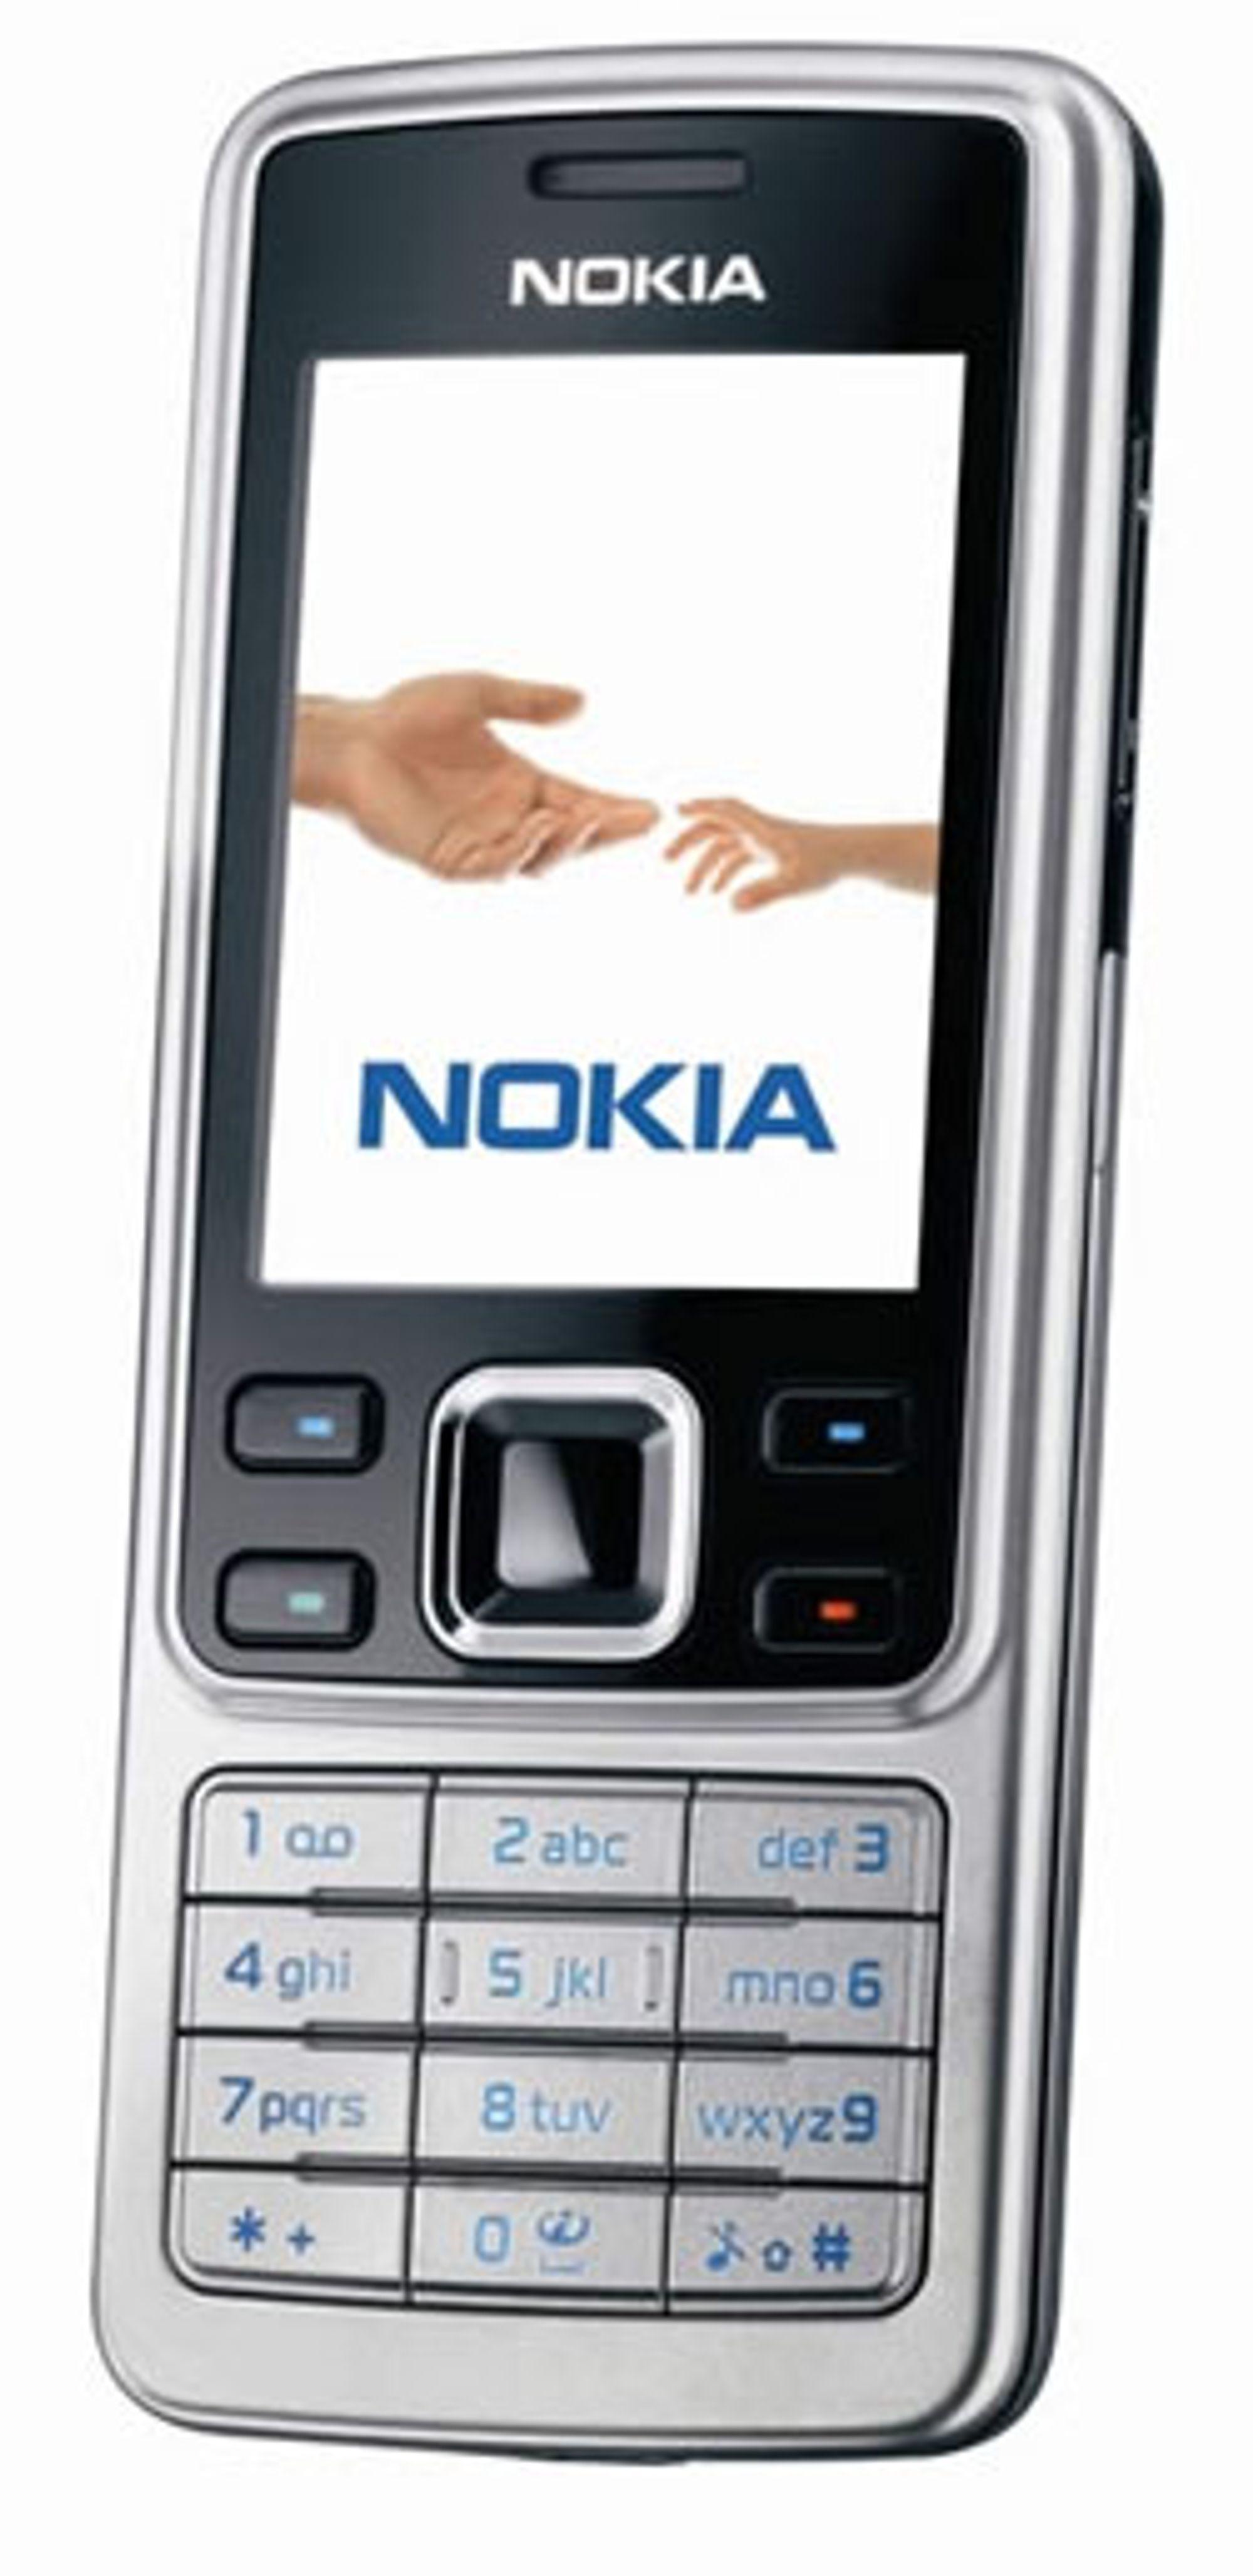 Sikkerhetshullet rammer Series 40-telefoner, som Nokia 6300.